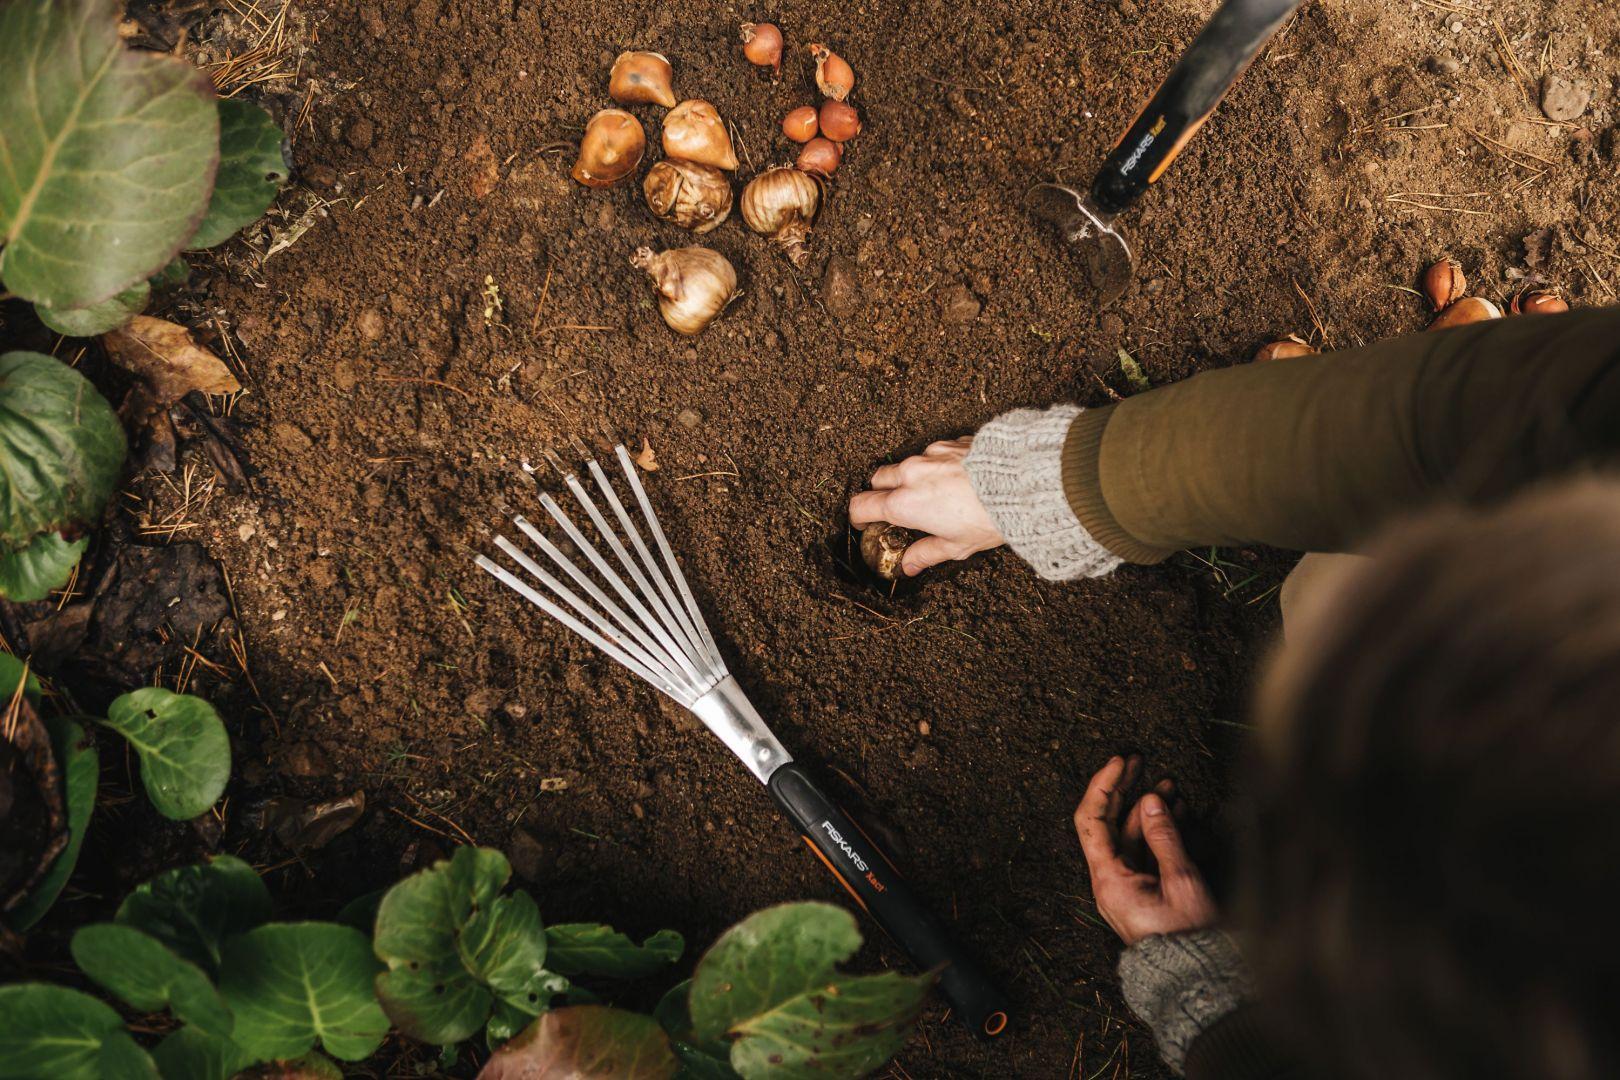 Do sadzenia tulipanów z pewnością przyda nam się szpadel, jak również łopatka. Przed ich posadzeniem, przygotujmy ziemię. Jeśli sadzimy kwiaty w grupie, podkopmy szpadlem wierzch gleby, połóżmy cebulki i przykryjmy ziemią. Fot. Fiskrs